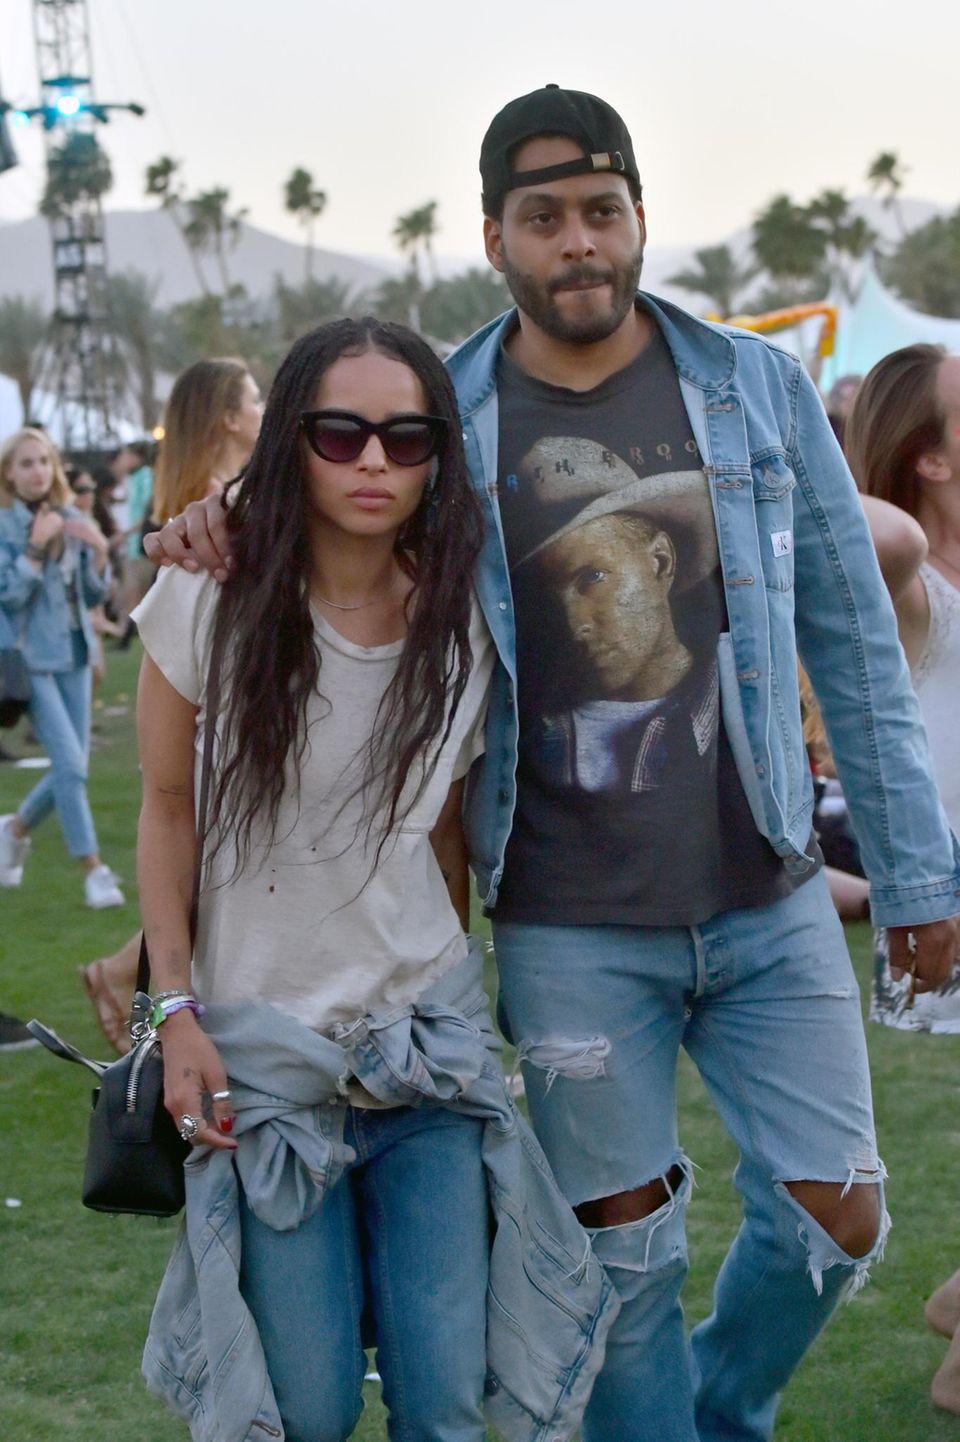 Zoe Kravitz schlendert mit ihrem Freund, dem Musiker Twin Shadow, über das Festivalgelände.